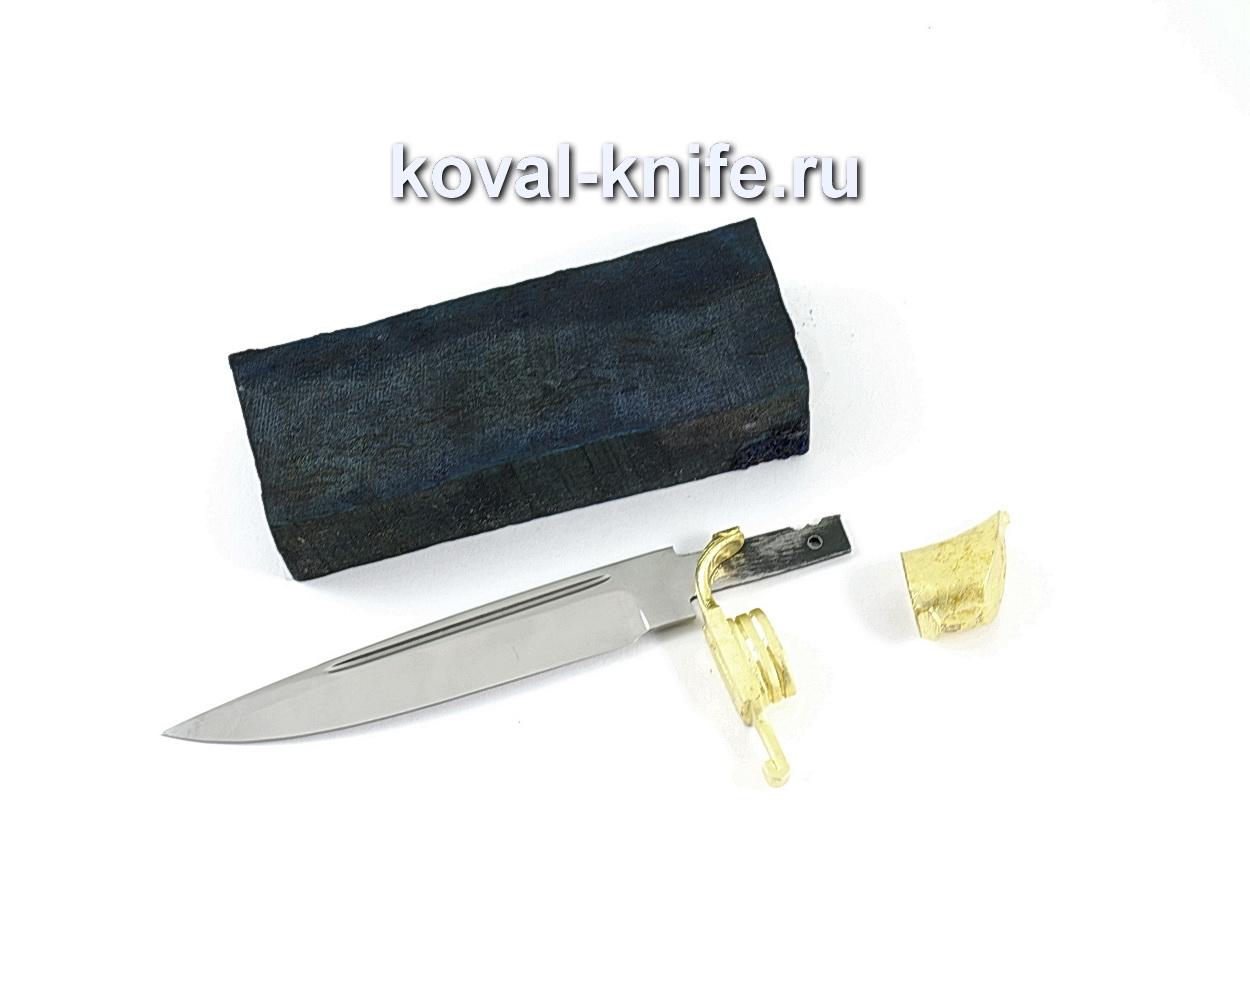 Комплект для финки НКВД 4 (клинок кованая 95х18 3,5мм, литье 2шт., граб брусок)